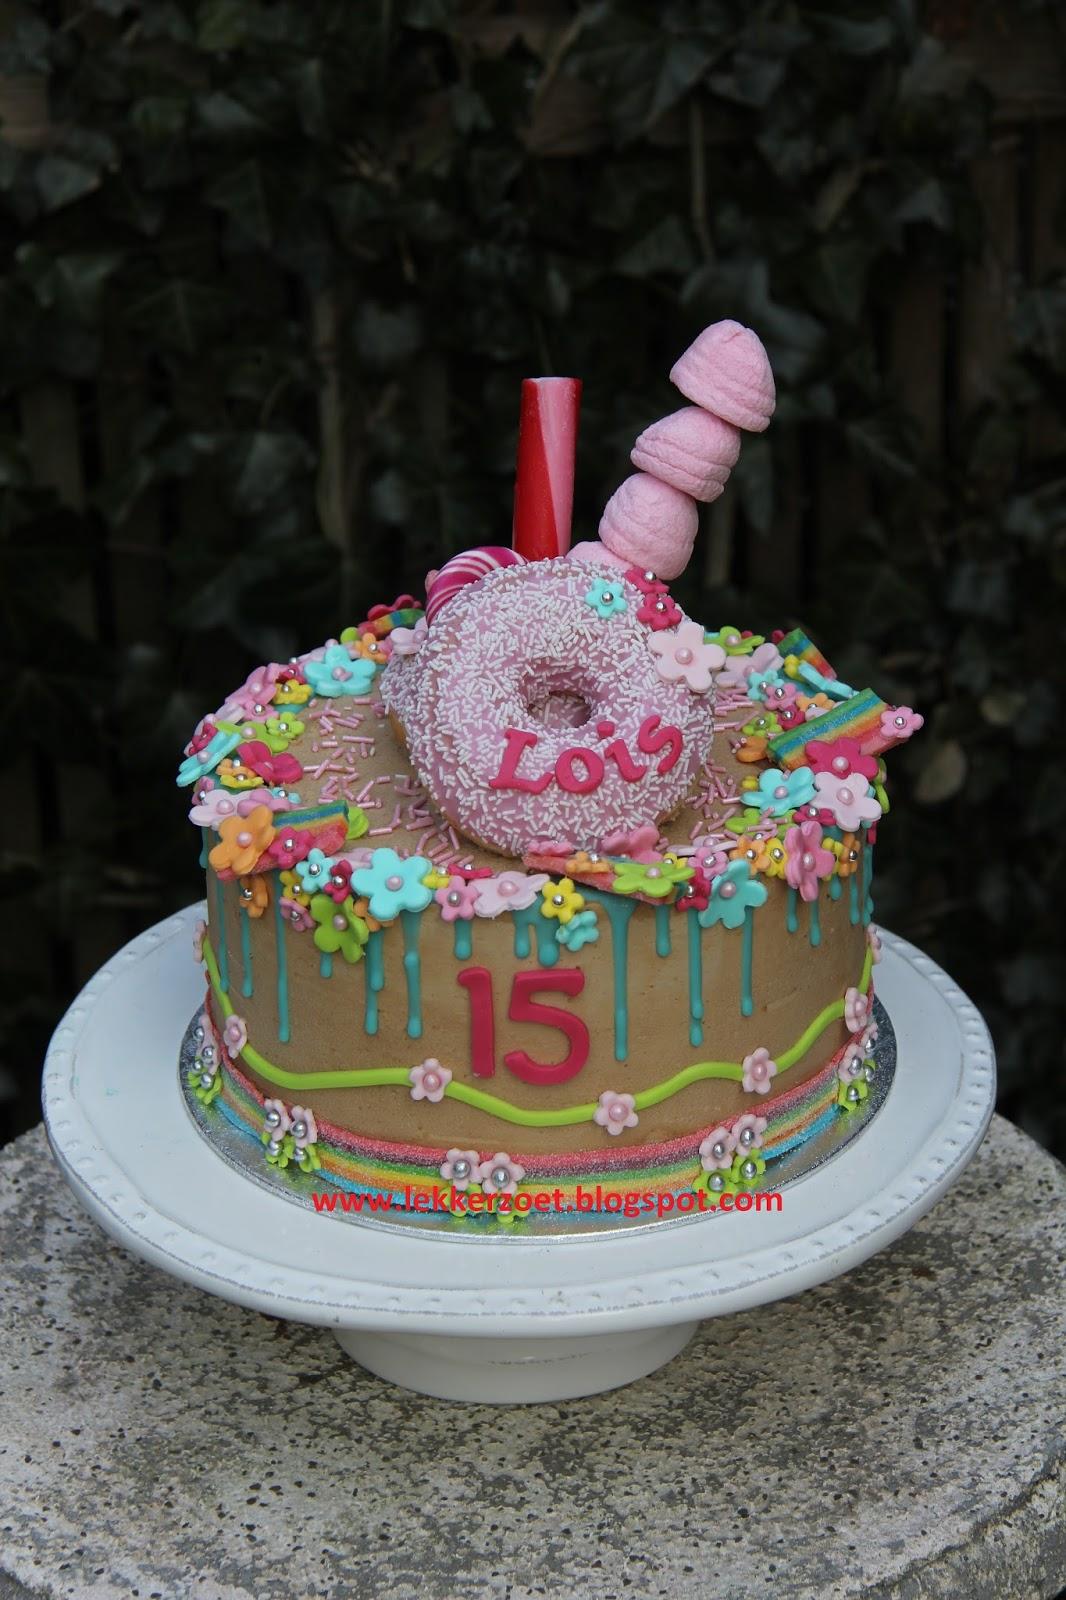 lekkere verjaardagstaart